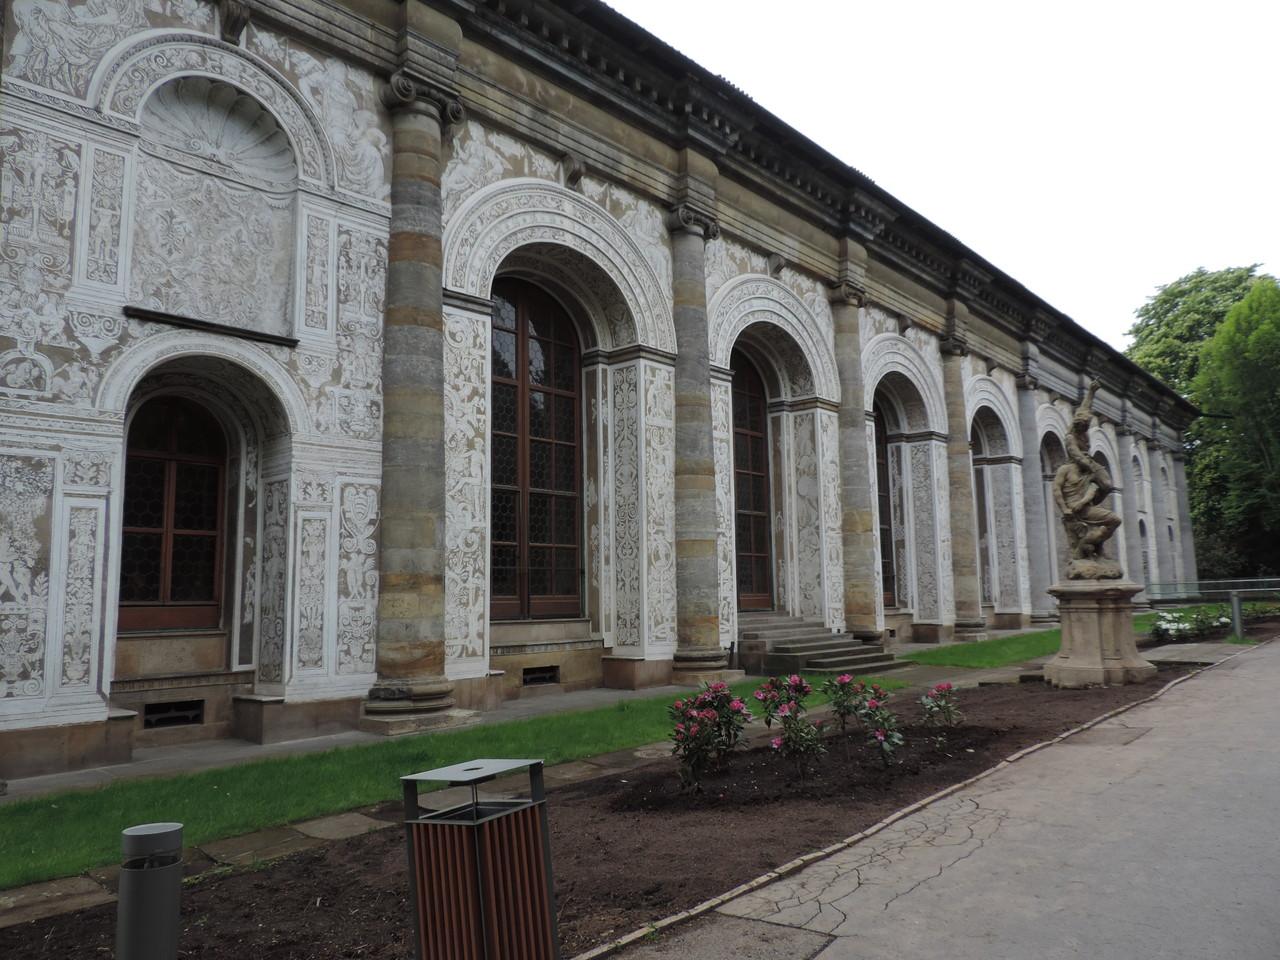 Organgerie im königlichem Garten